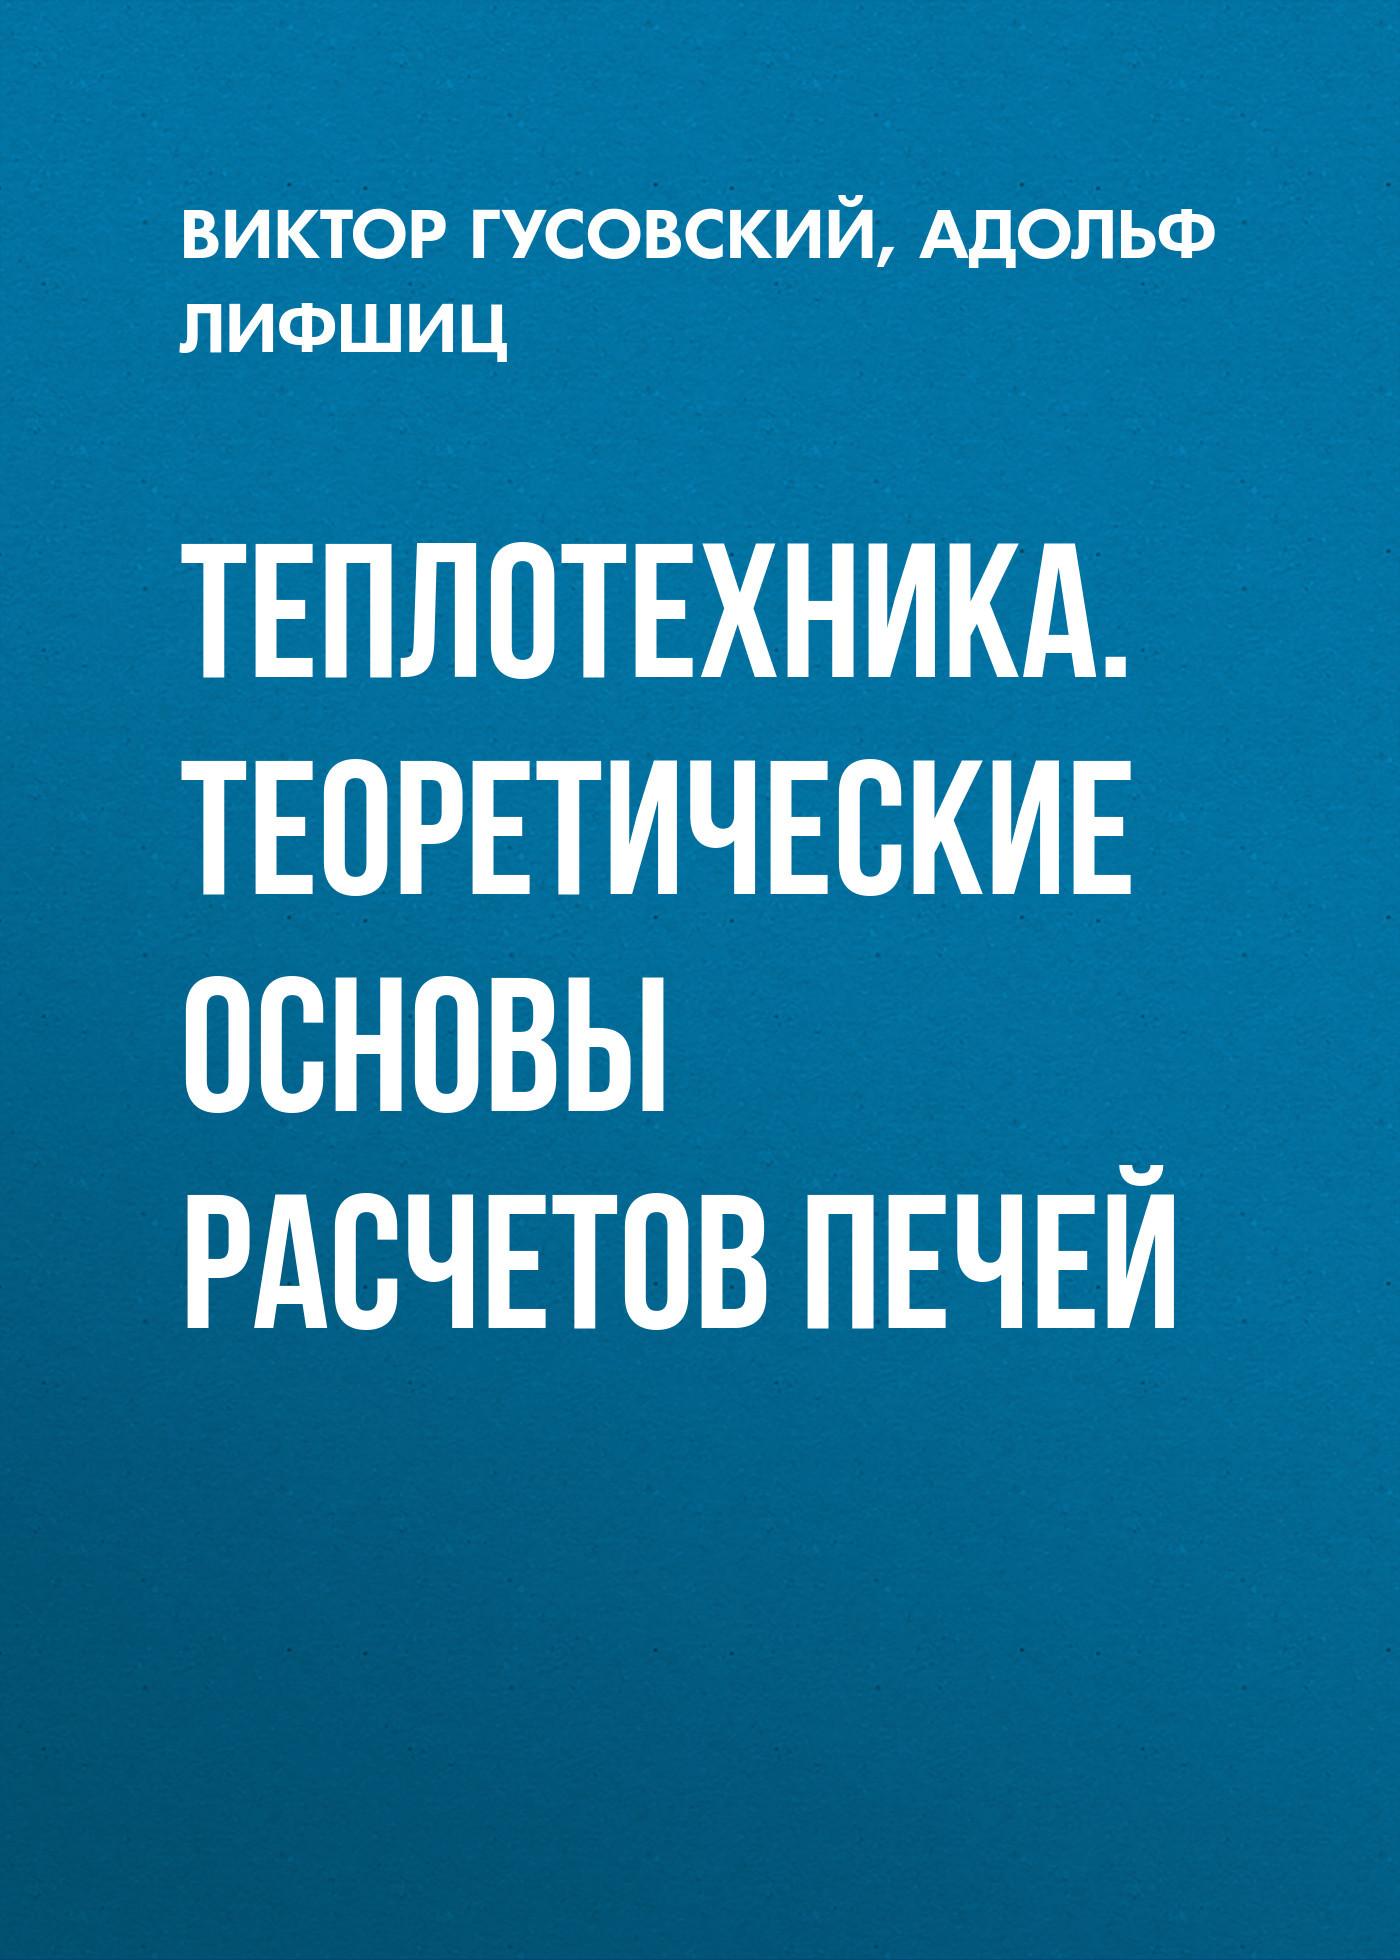 Виктор Гусовский бесплатно